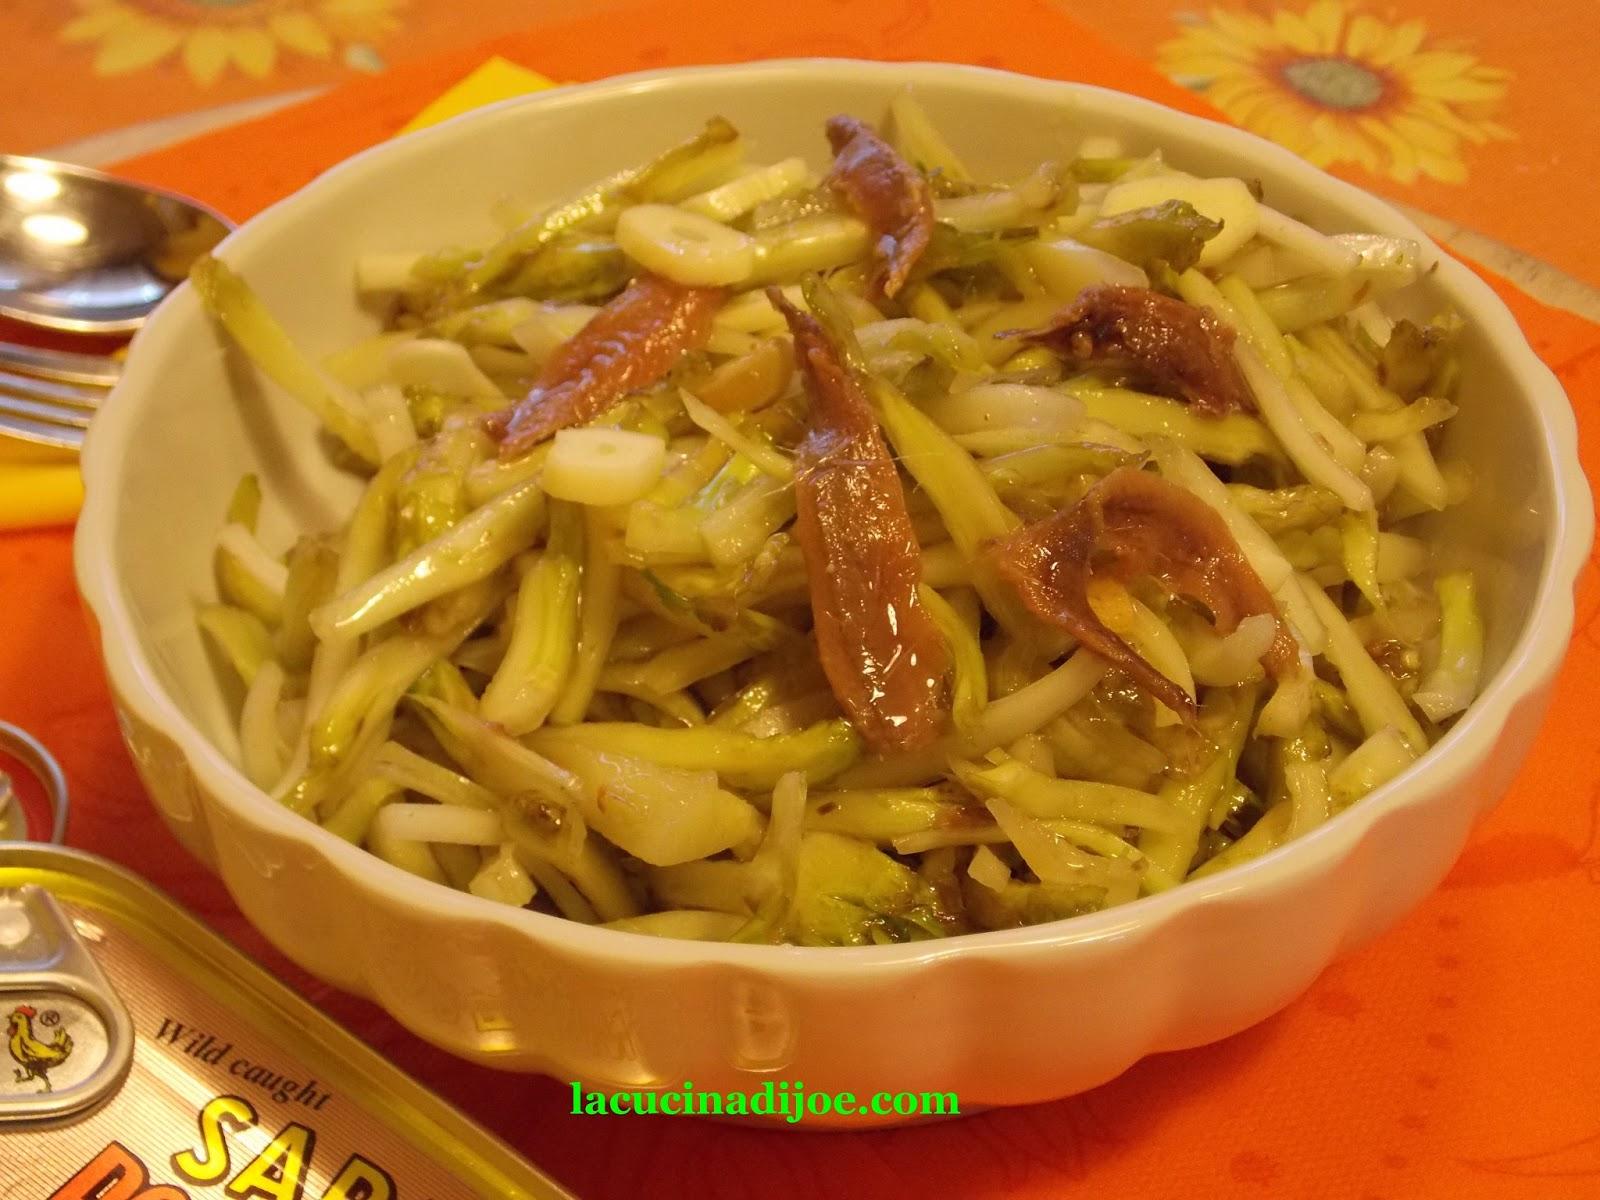 La cucina di joe le puntarelle atto primo for Piatto tipico romano